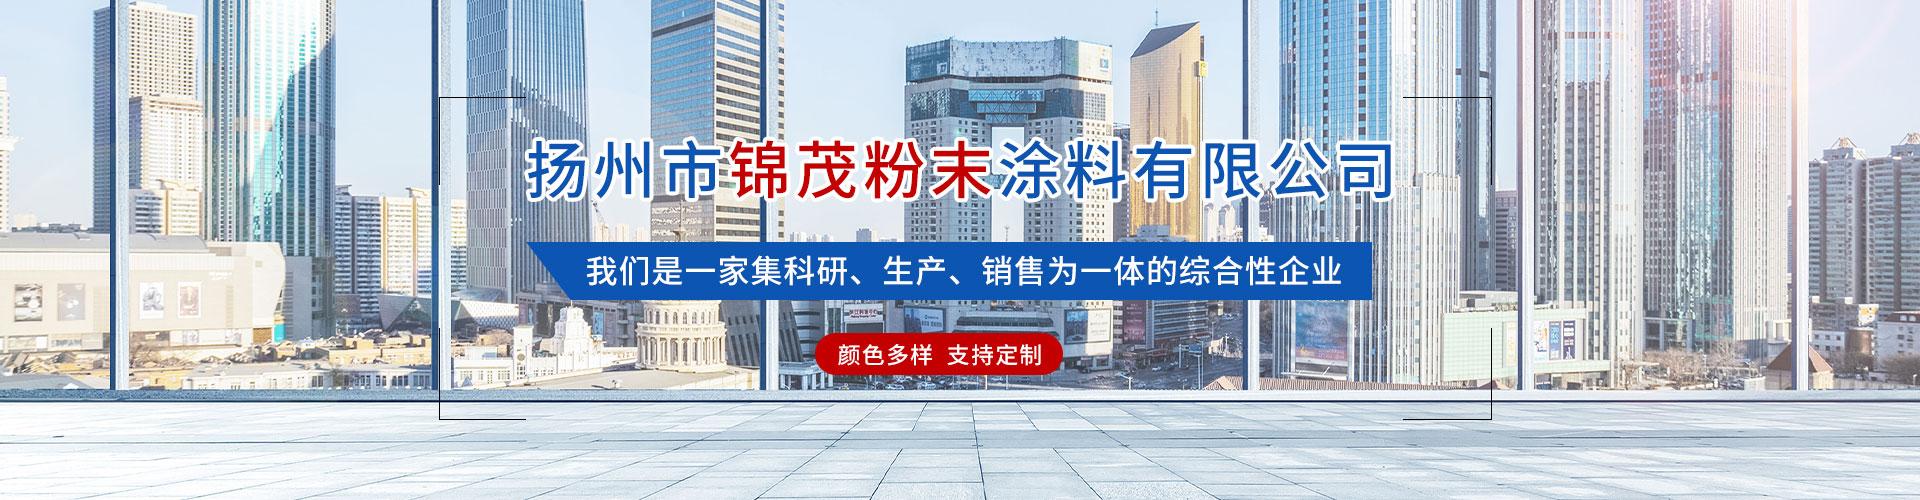 扬州市锦茂粉末涂料有限公司